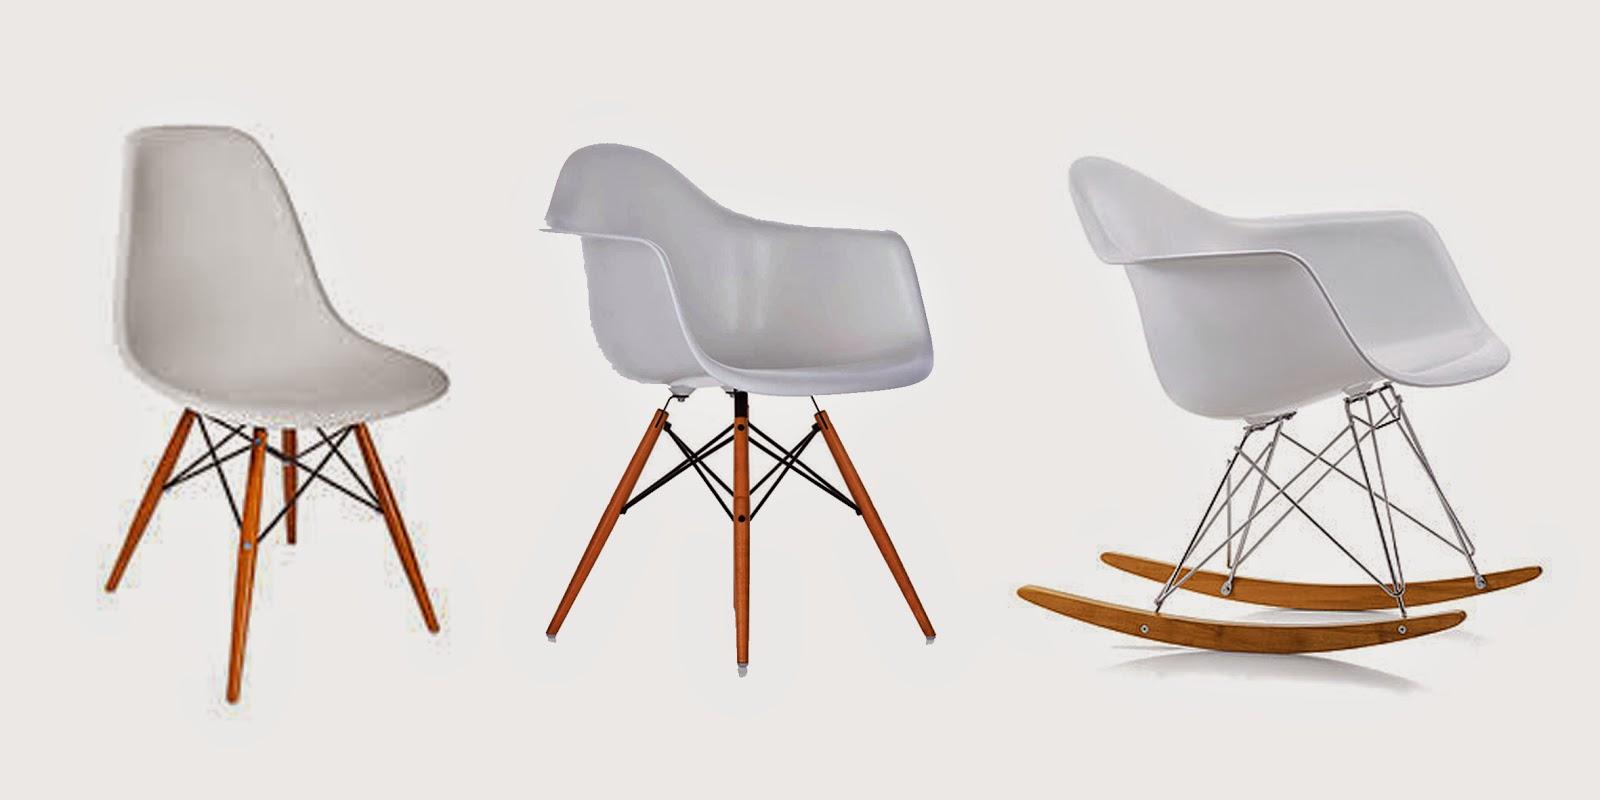 Journal photographique: Chaises Eames